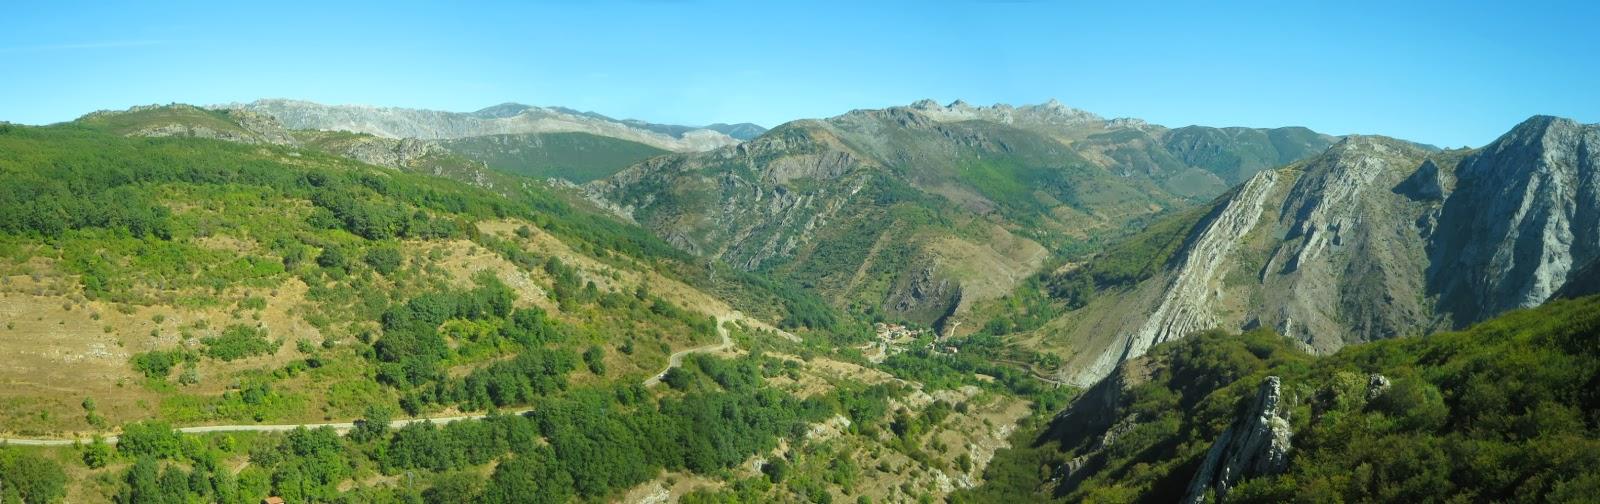 Vistas desde la atalaya de Valporquero de Torío